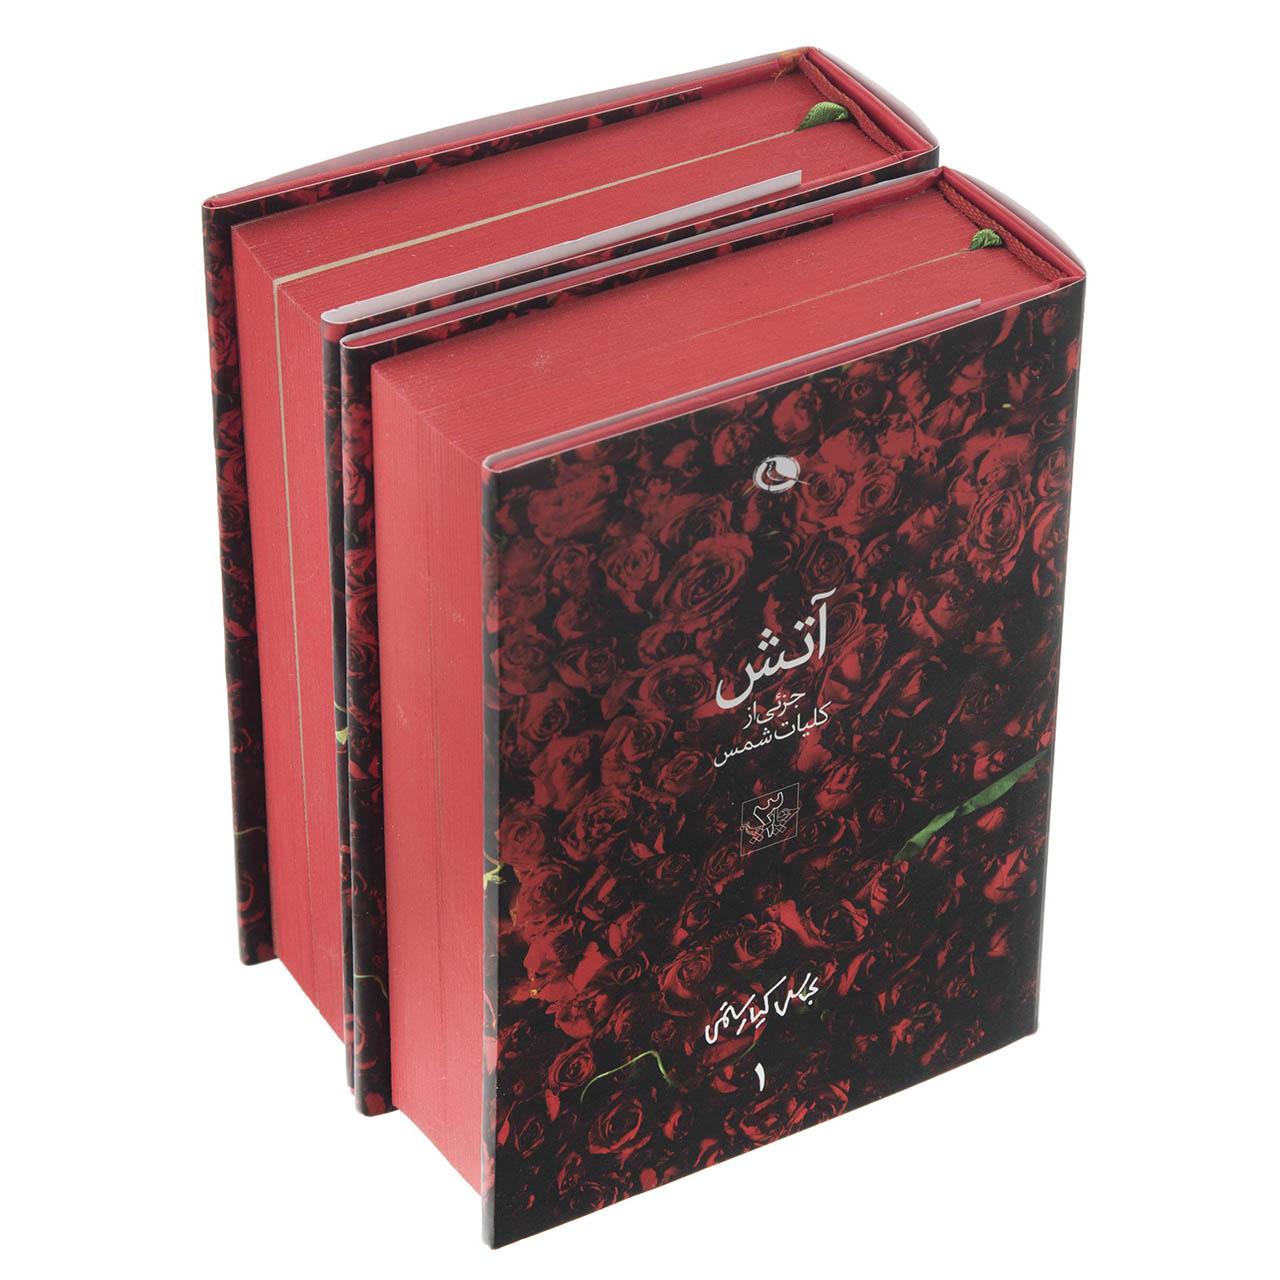 خرید                      کتاب آتش جزئی از کلیات شمس اثر عباس کیارستمی